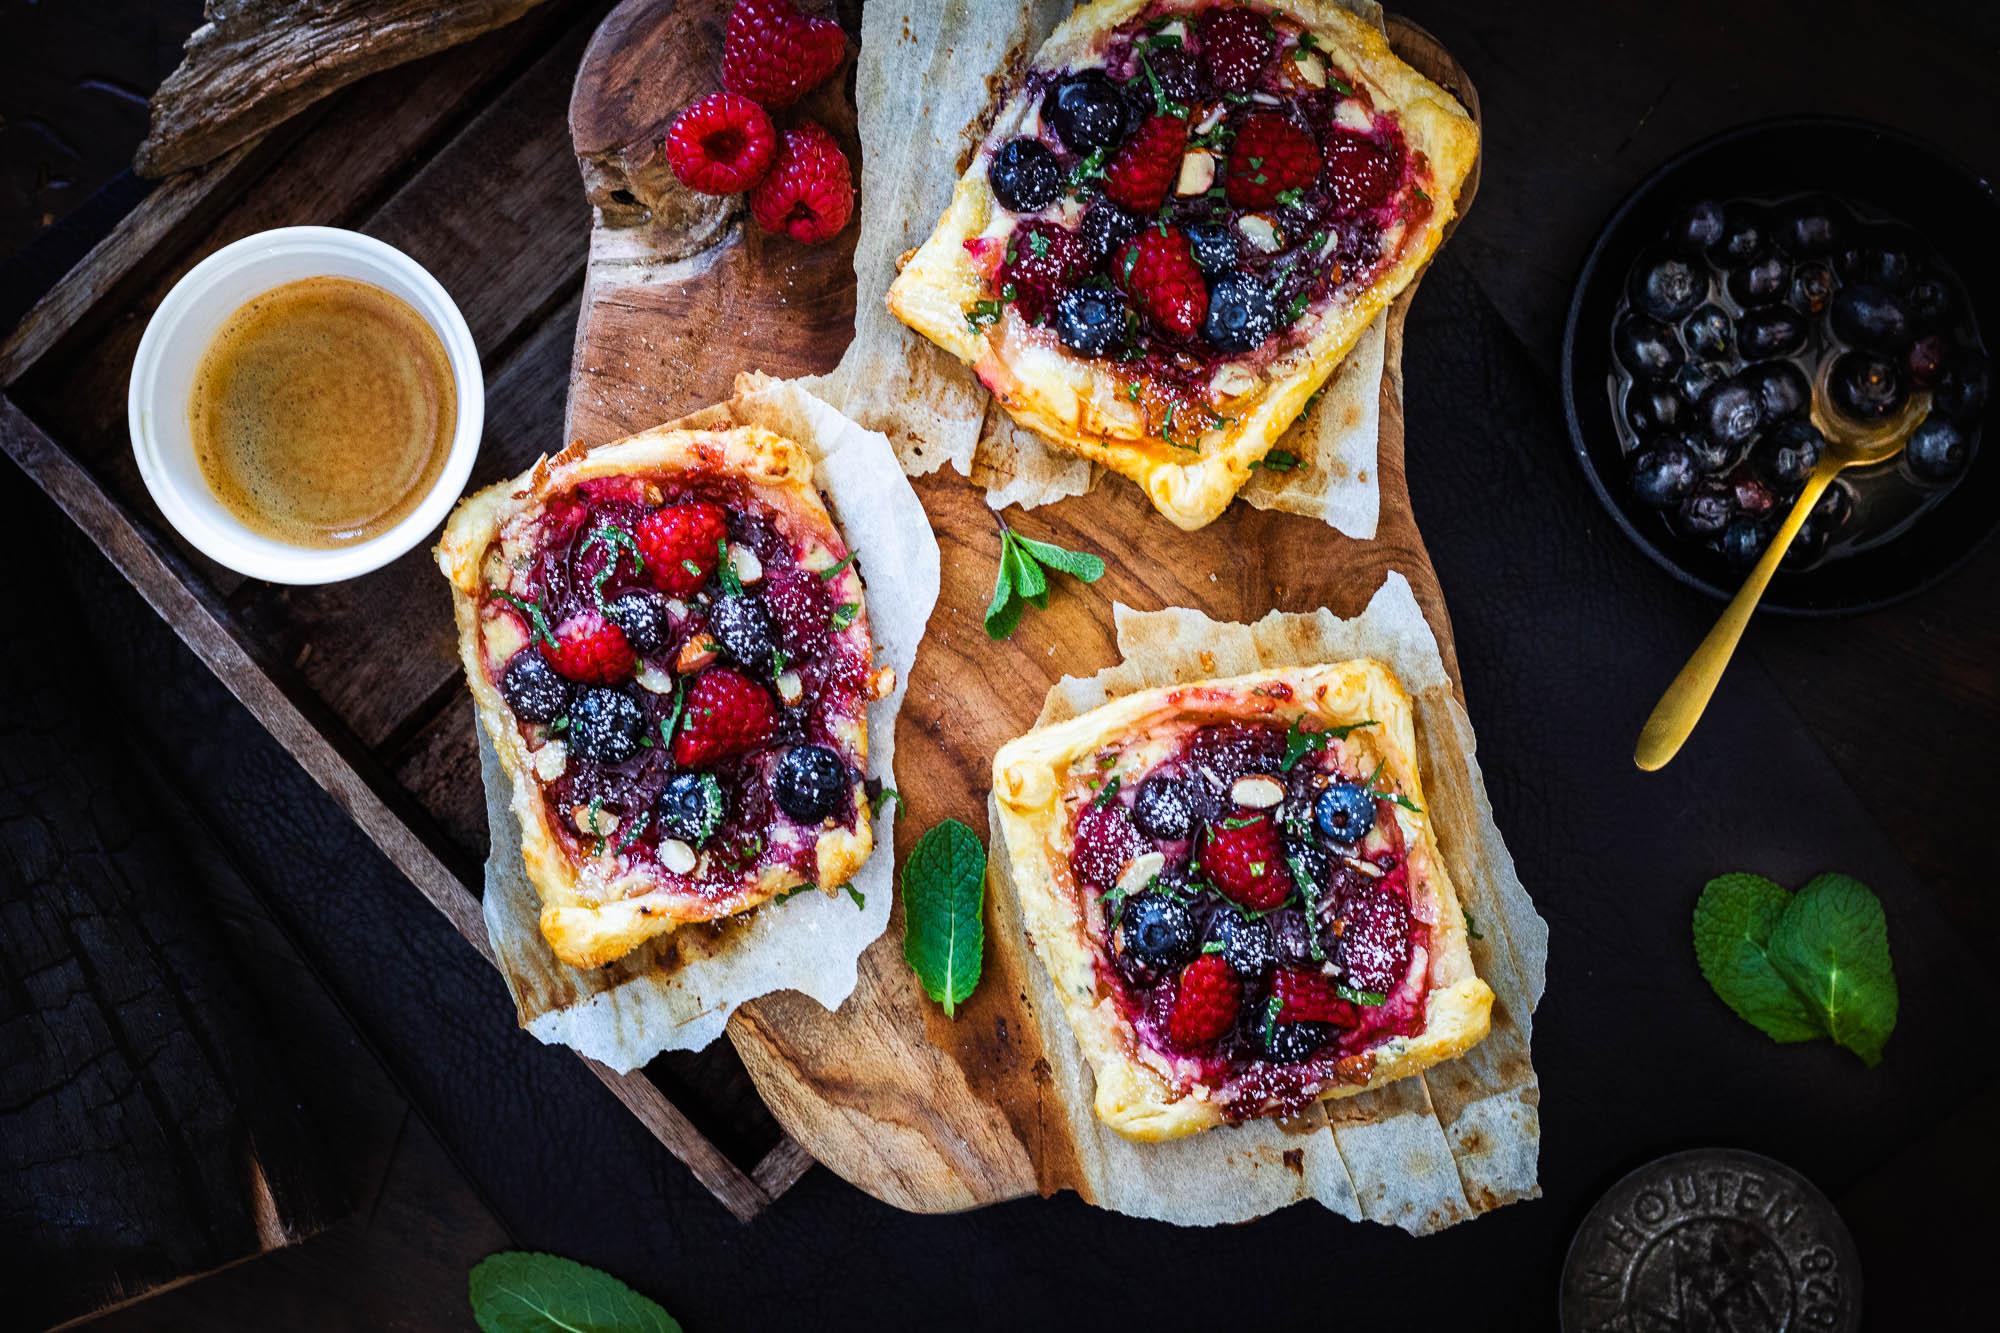 Wienerbrod – Deens roomkaas gebak met rode vruchten